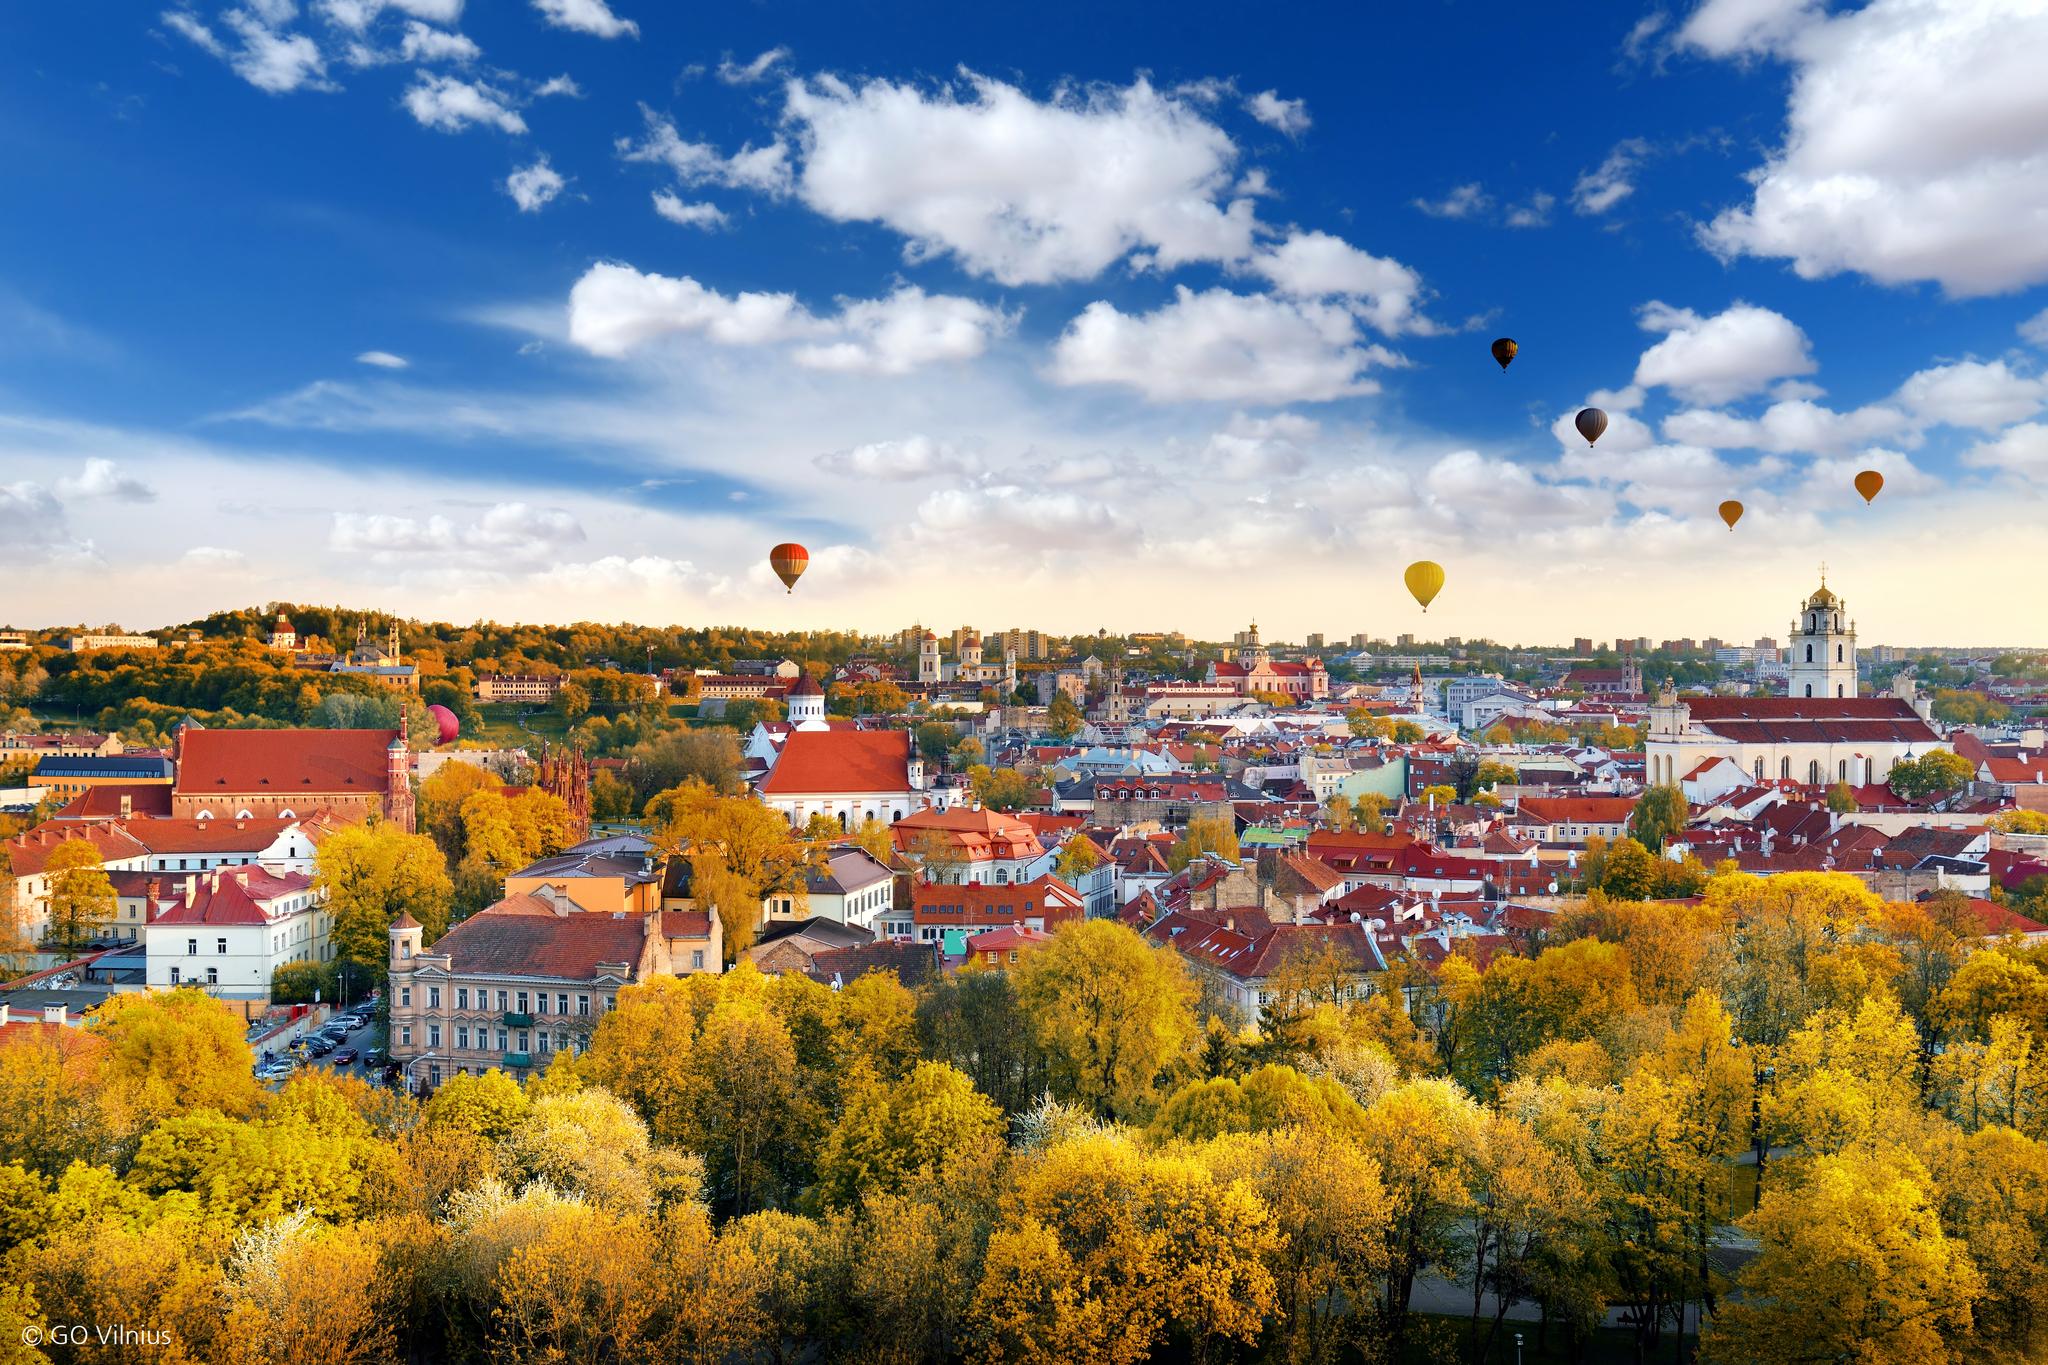 올해 유레일 글로벌패스로 여행할 수 있는 나라가 3곳(영국·리투아니아·마케도니아) 추가됐다. 사진은 유네스코 세계문화유산으로 지정된 리투아니아 수도 빌뉴스. [사진 유레일]